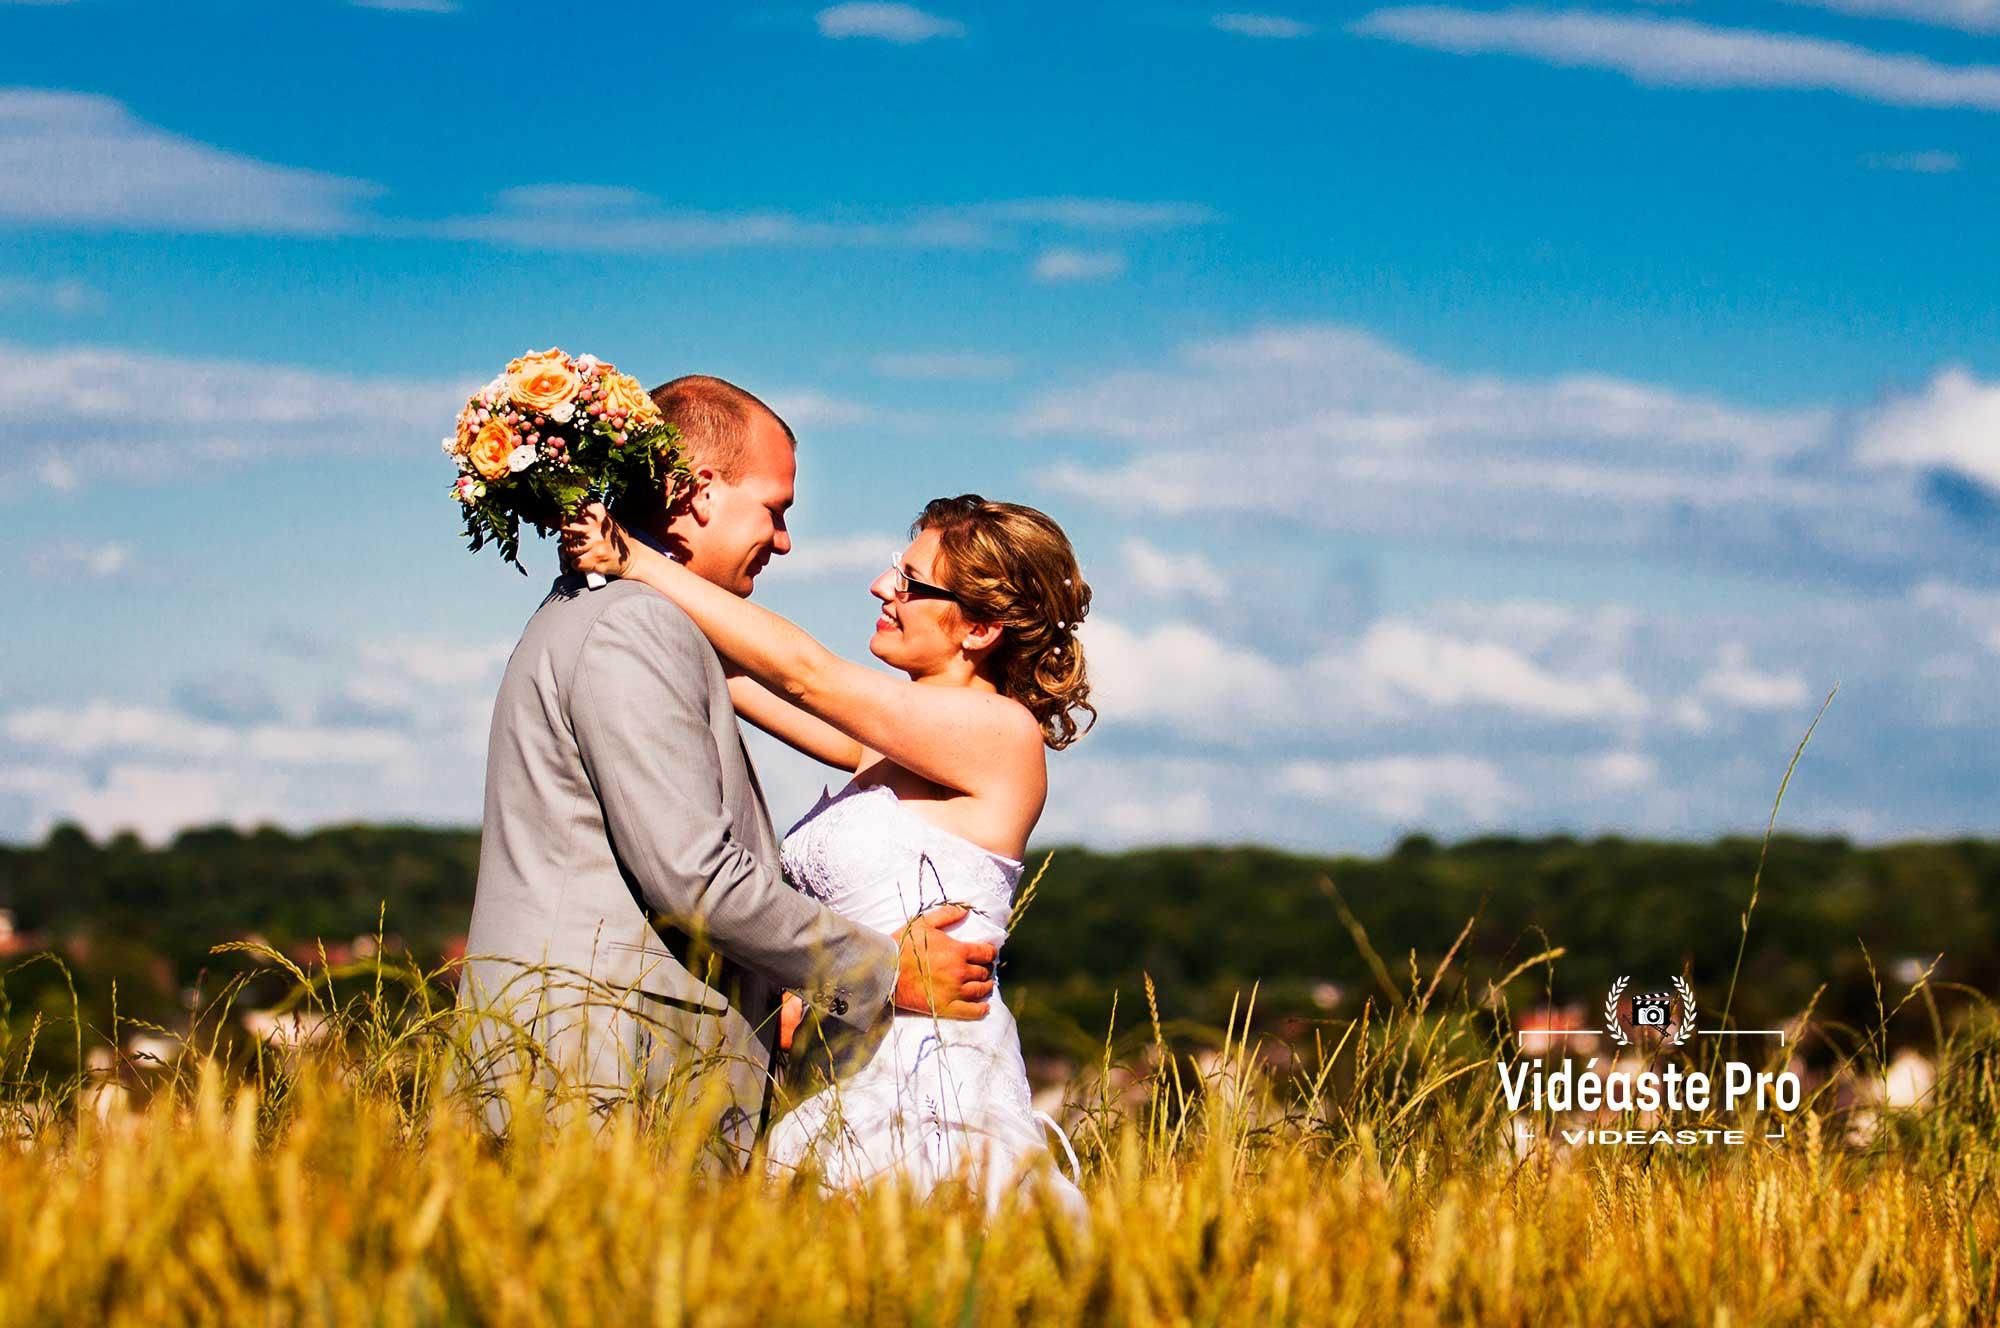 Vidéaste Val-d'Oise, vidéaste mariage Val-d'Oise, vidéo mariage naturelle et authentique, témoignant de toute l'intensité et les meilleurs moments de votre mariage en Val-d'Oise